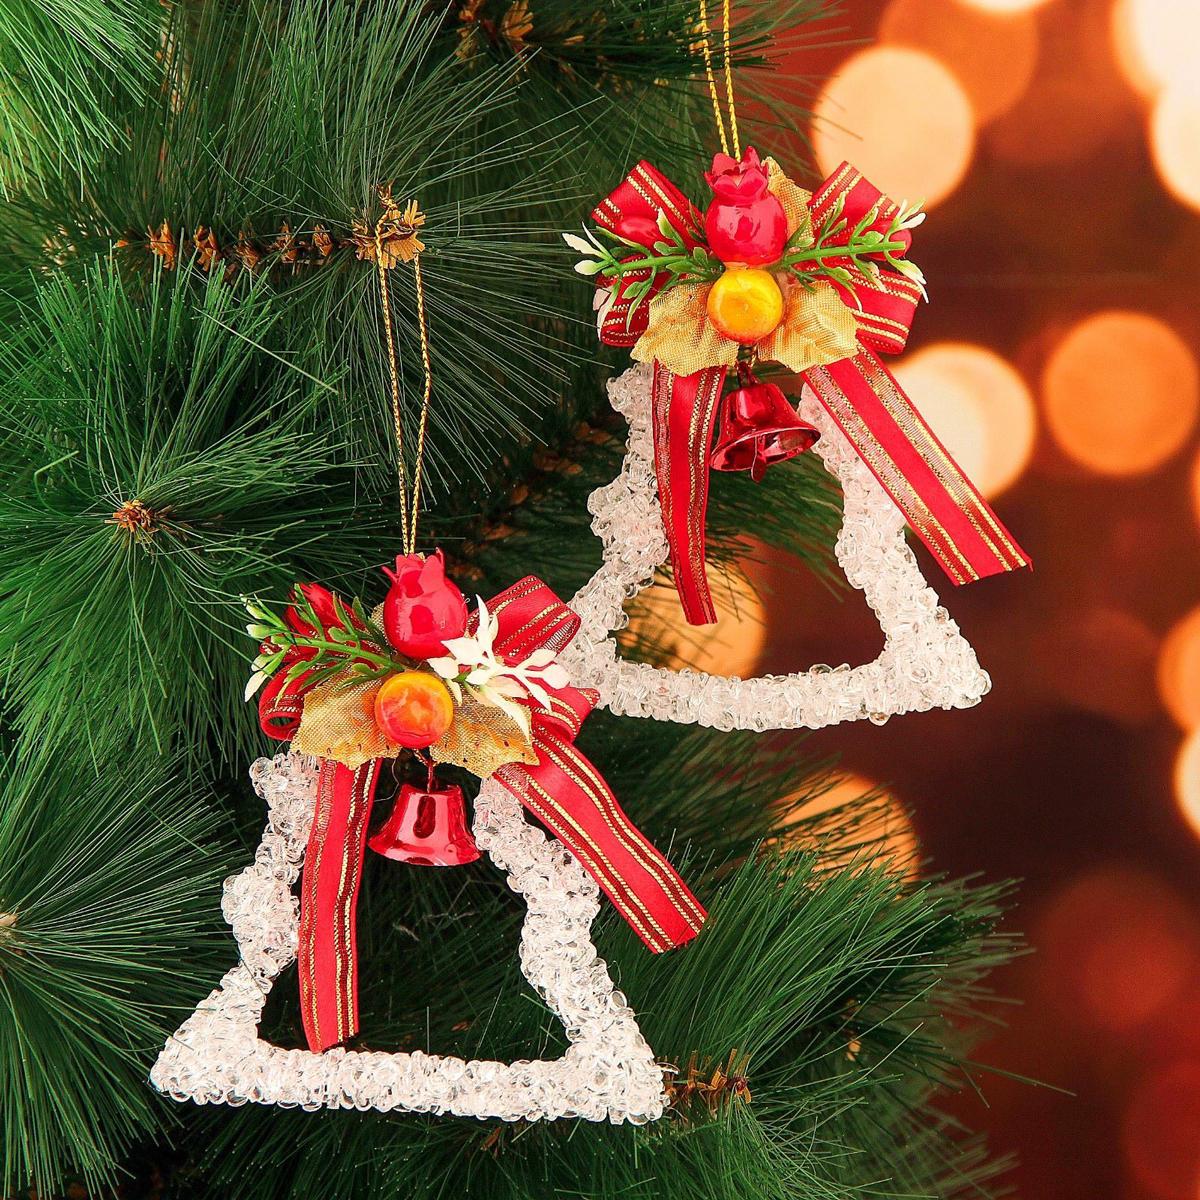 Набор новогодних подвесных украшений Елочка с ленточками, 8 х 8 см, 2 шт2371316Набор новогодних подвесных украшений отлично подойдет для декорации вашего дома и новогодней ели. С помощью специальной петельки украшение можно повесить в любом понравившемся вам месте. Но, конечно, удачнее всего оно будет смотреться на праздничной елке.Елочная игрушка - символ Нового года. Она несет в себе волшебство и красоту праздника. Такое украшение создаст в вашем доме атмосферу праздника, веселья и радости.